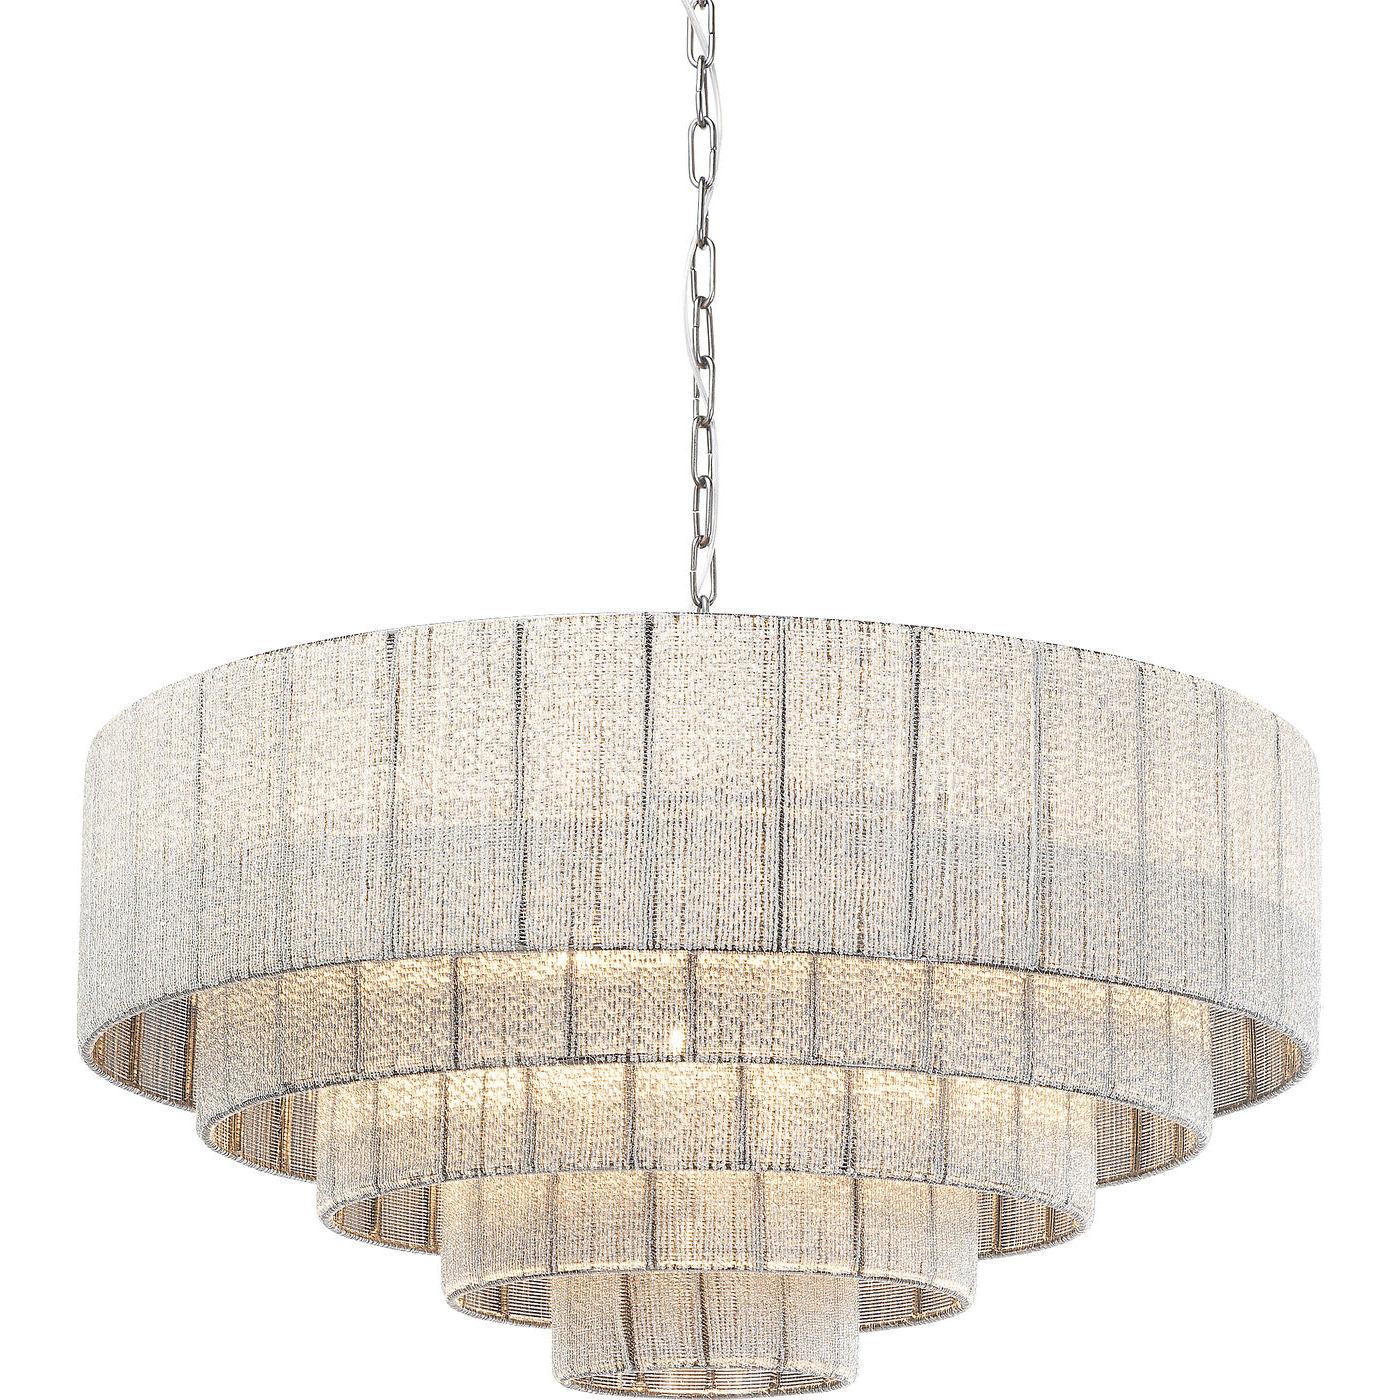 Billede af Kare Design Loftslampe, Glamour Steps Cinque